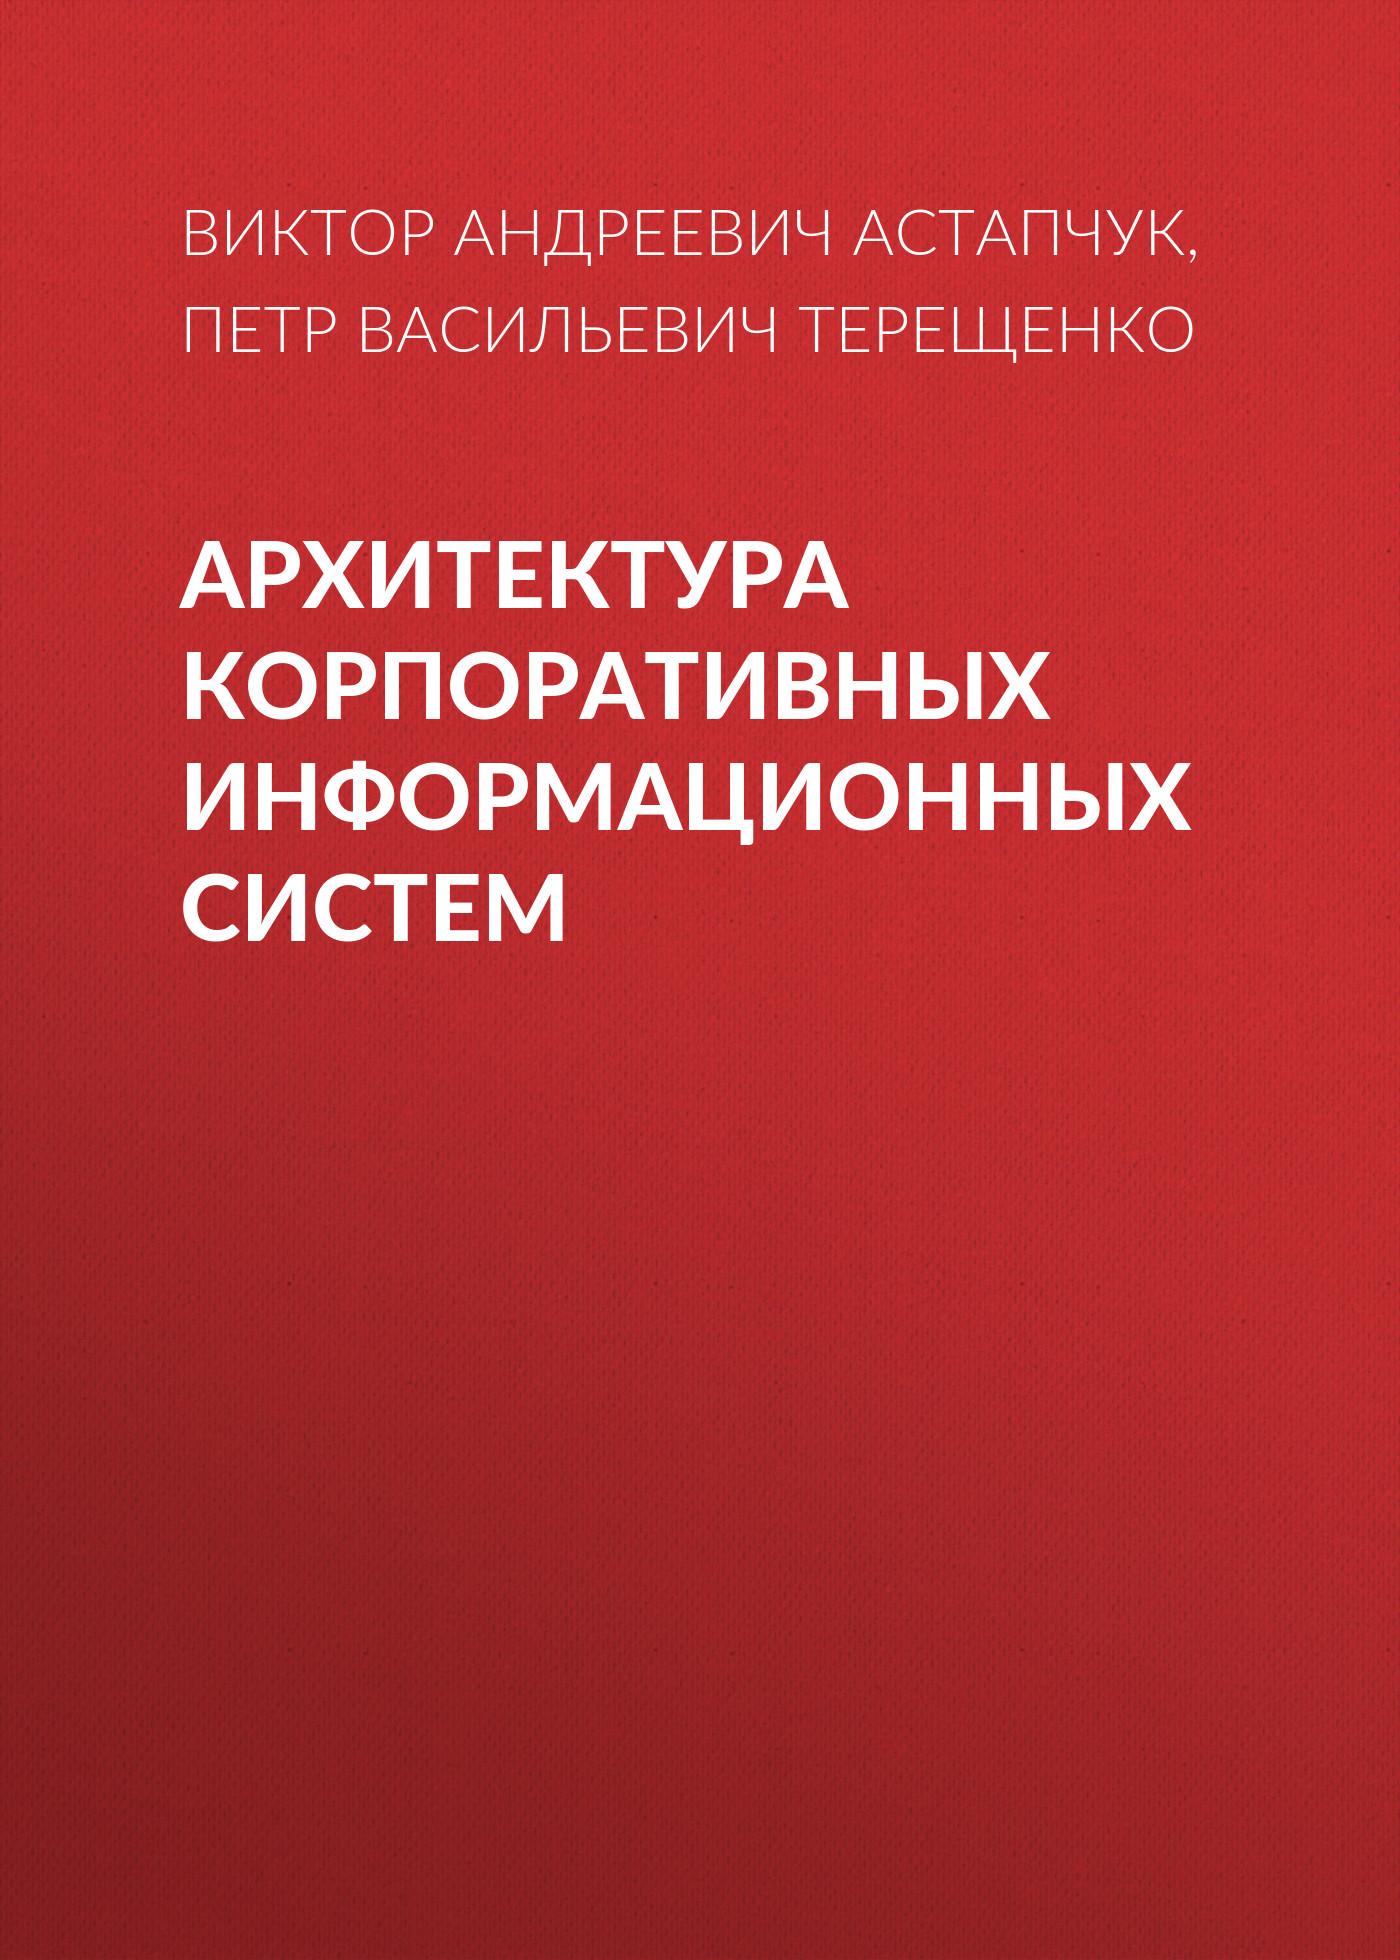 Петр Васильевич Терещенко Архитектура корпоративных информационных систем